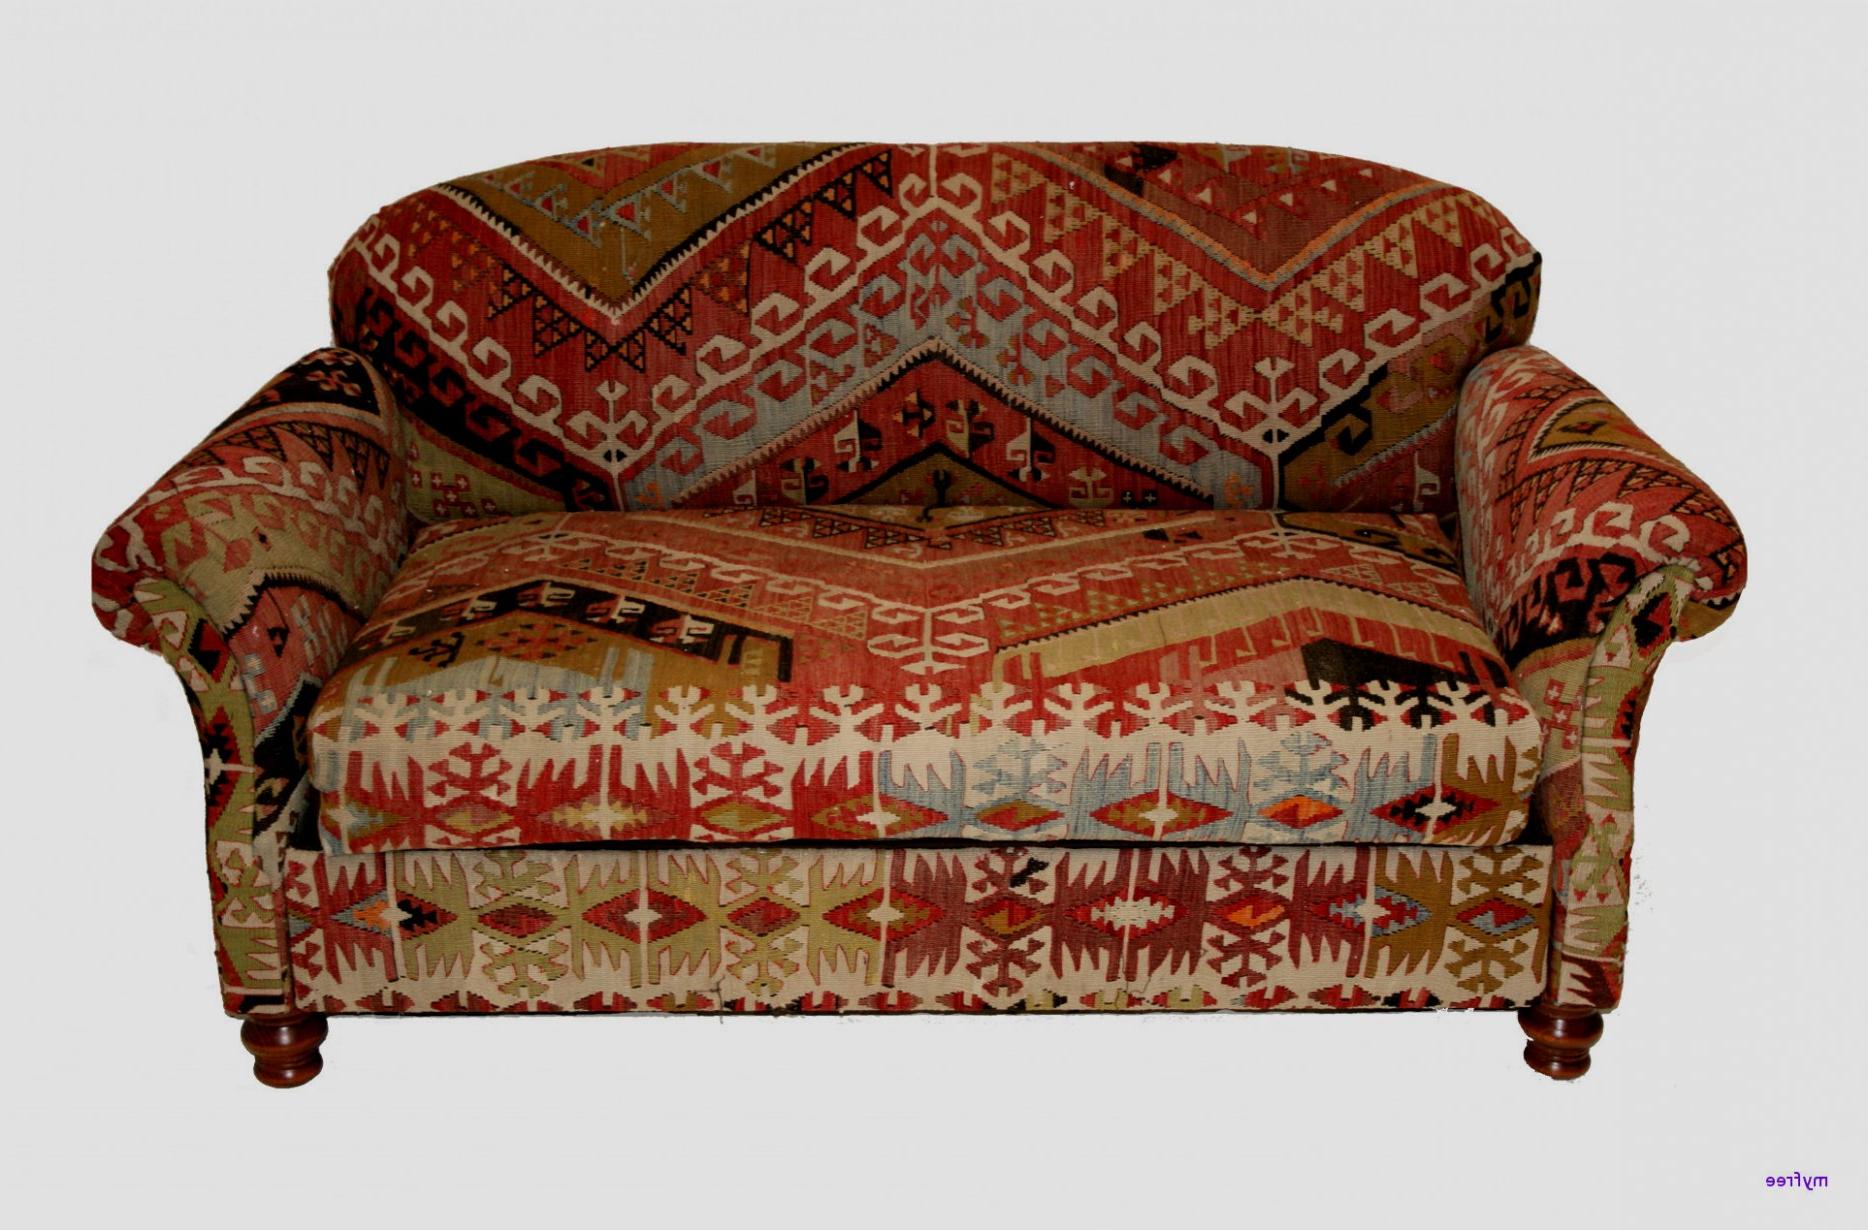 Sofa Cama Barato Carrefour Tqd3 Sillon orejero Barato Famoso 33 Contemporà Nea sofa Cama Barato